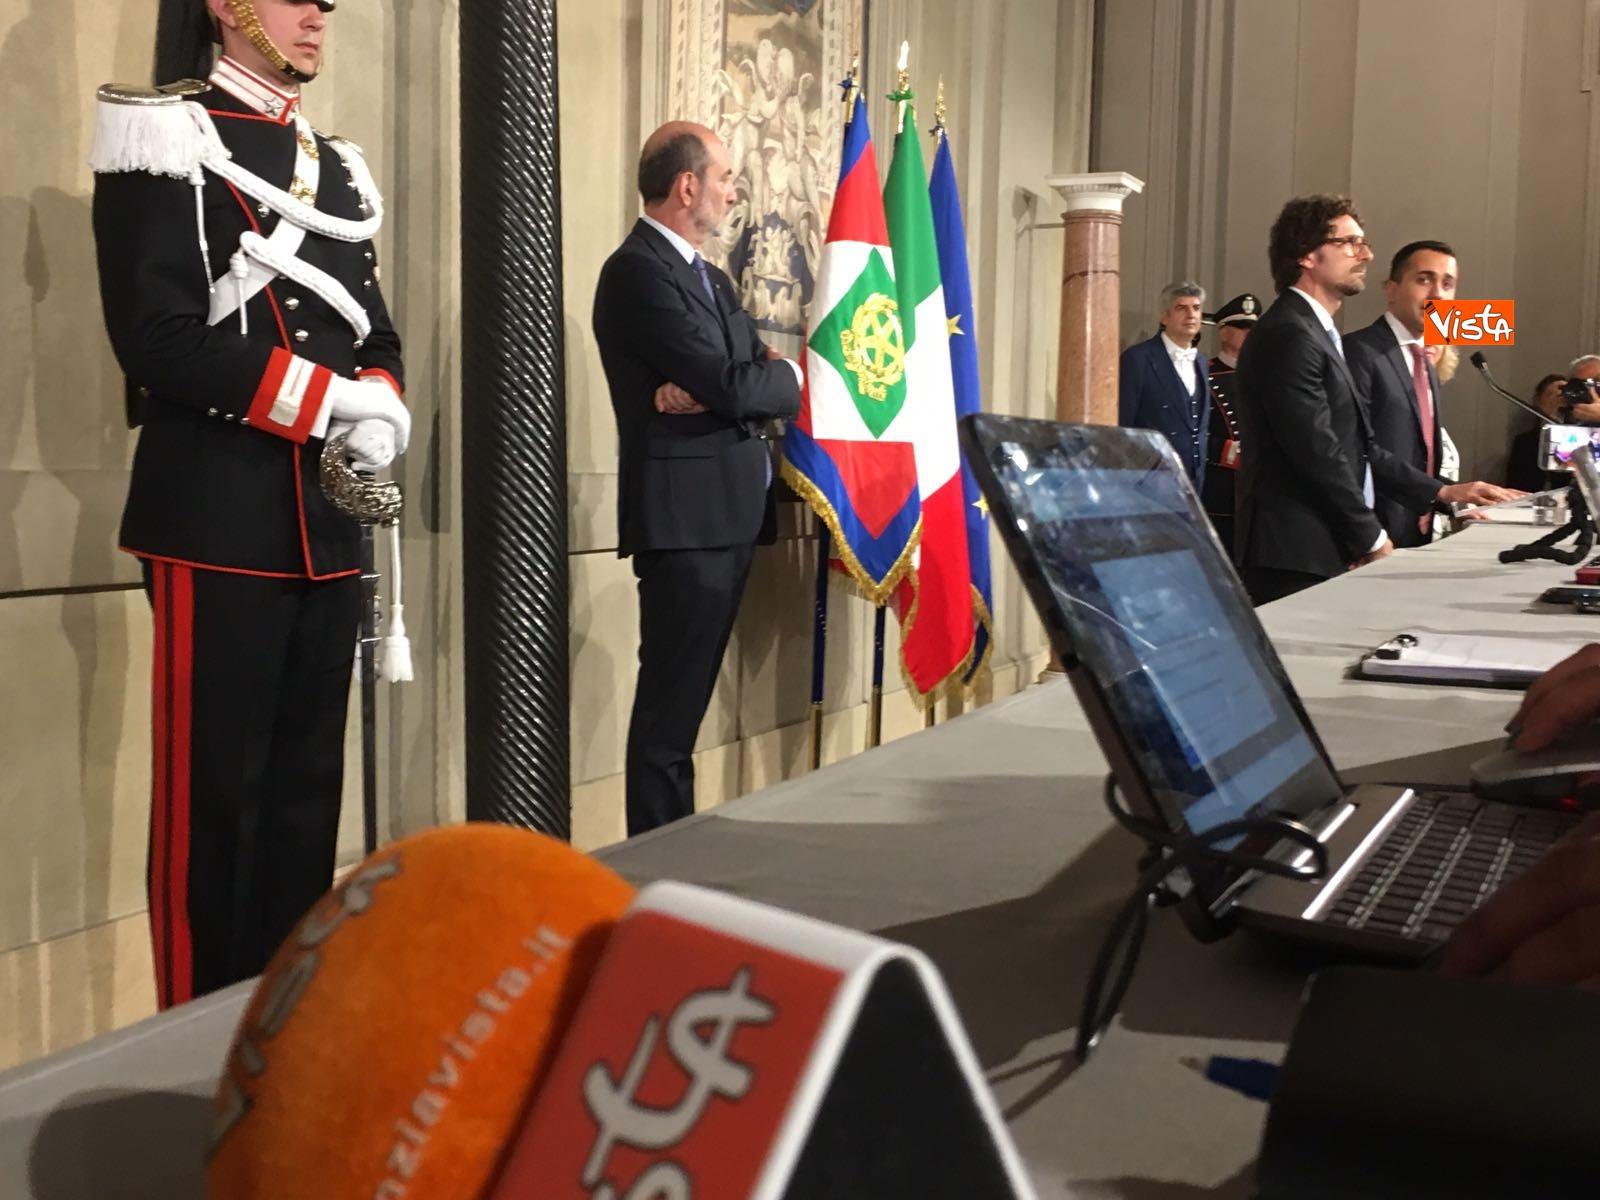 21-05-18 Di Maio guida la delegazione M5s al Quirinale con Toninelli e Giulia Grillo_06